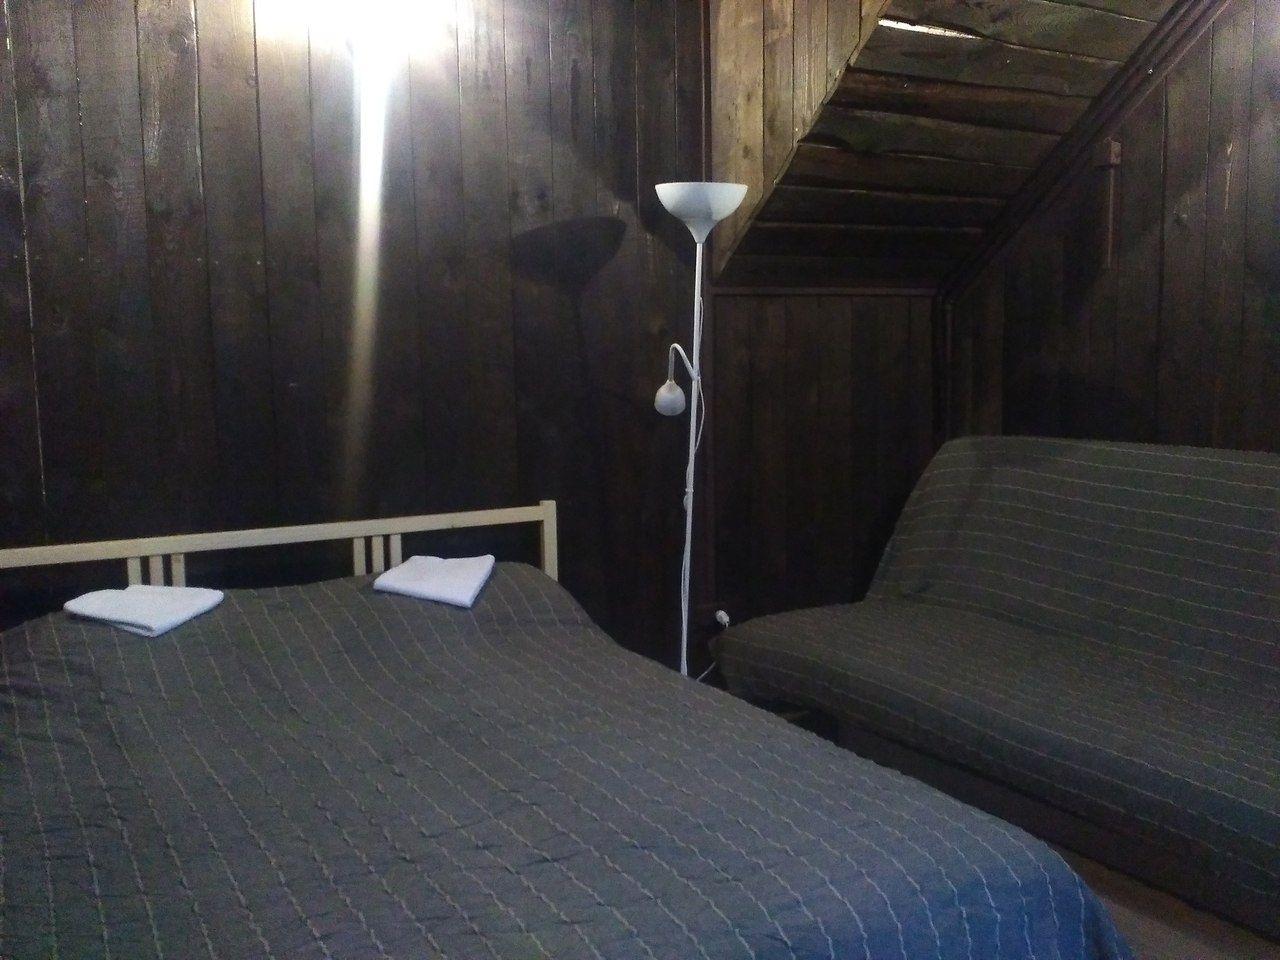 Гостевой дом «Scandi» Ленинградская область Гостевой дом «Ранчо Шериф», фото 1